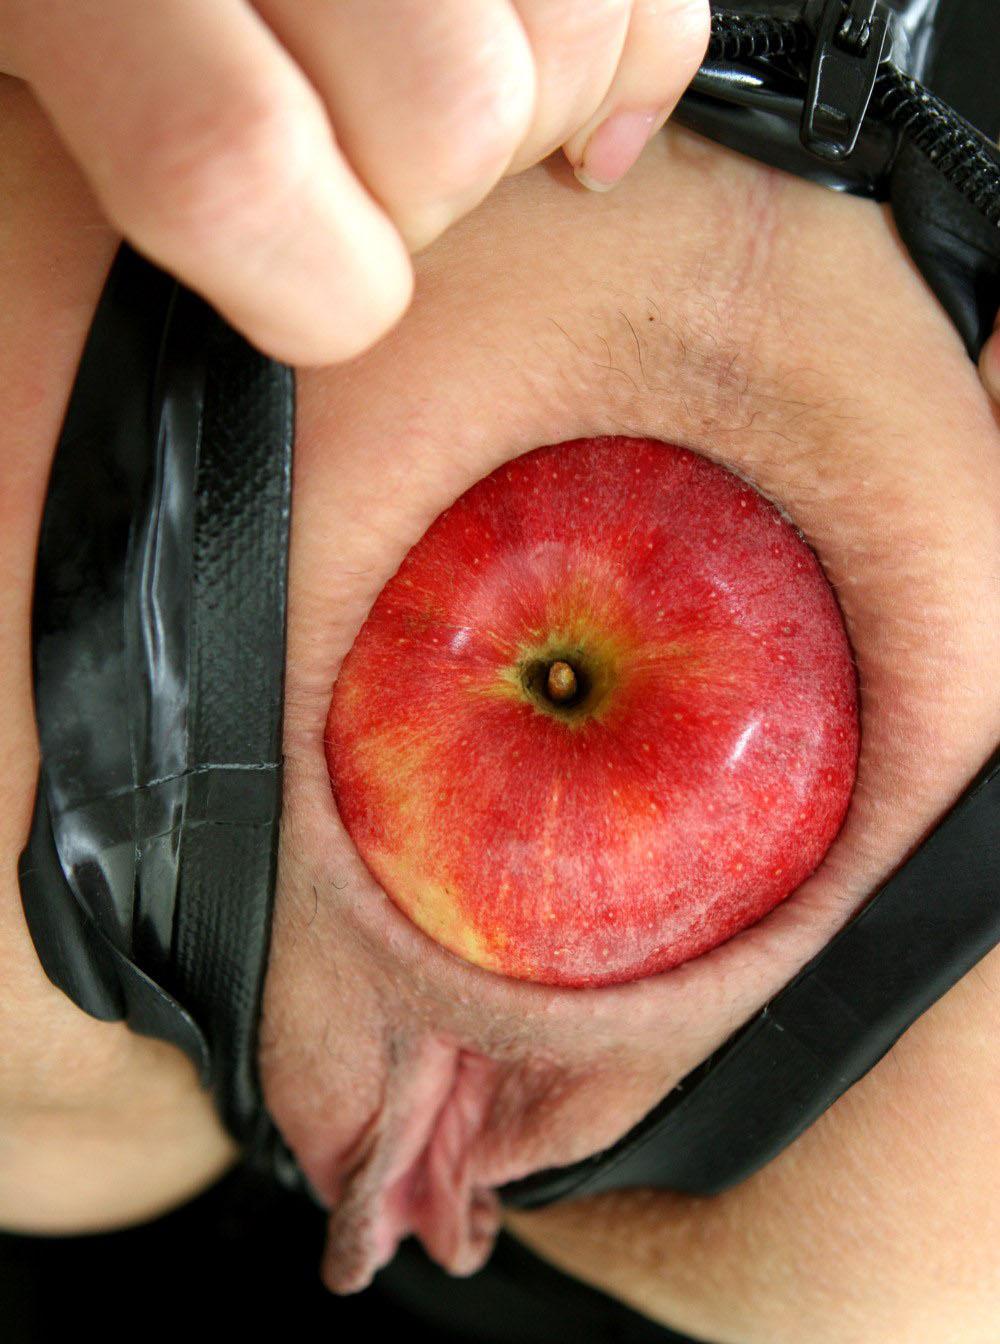 Фото овощей и фруктов в жопах у девушек 6 фотография